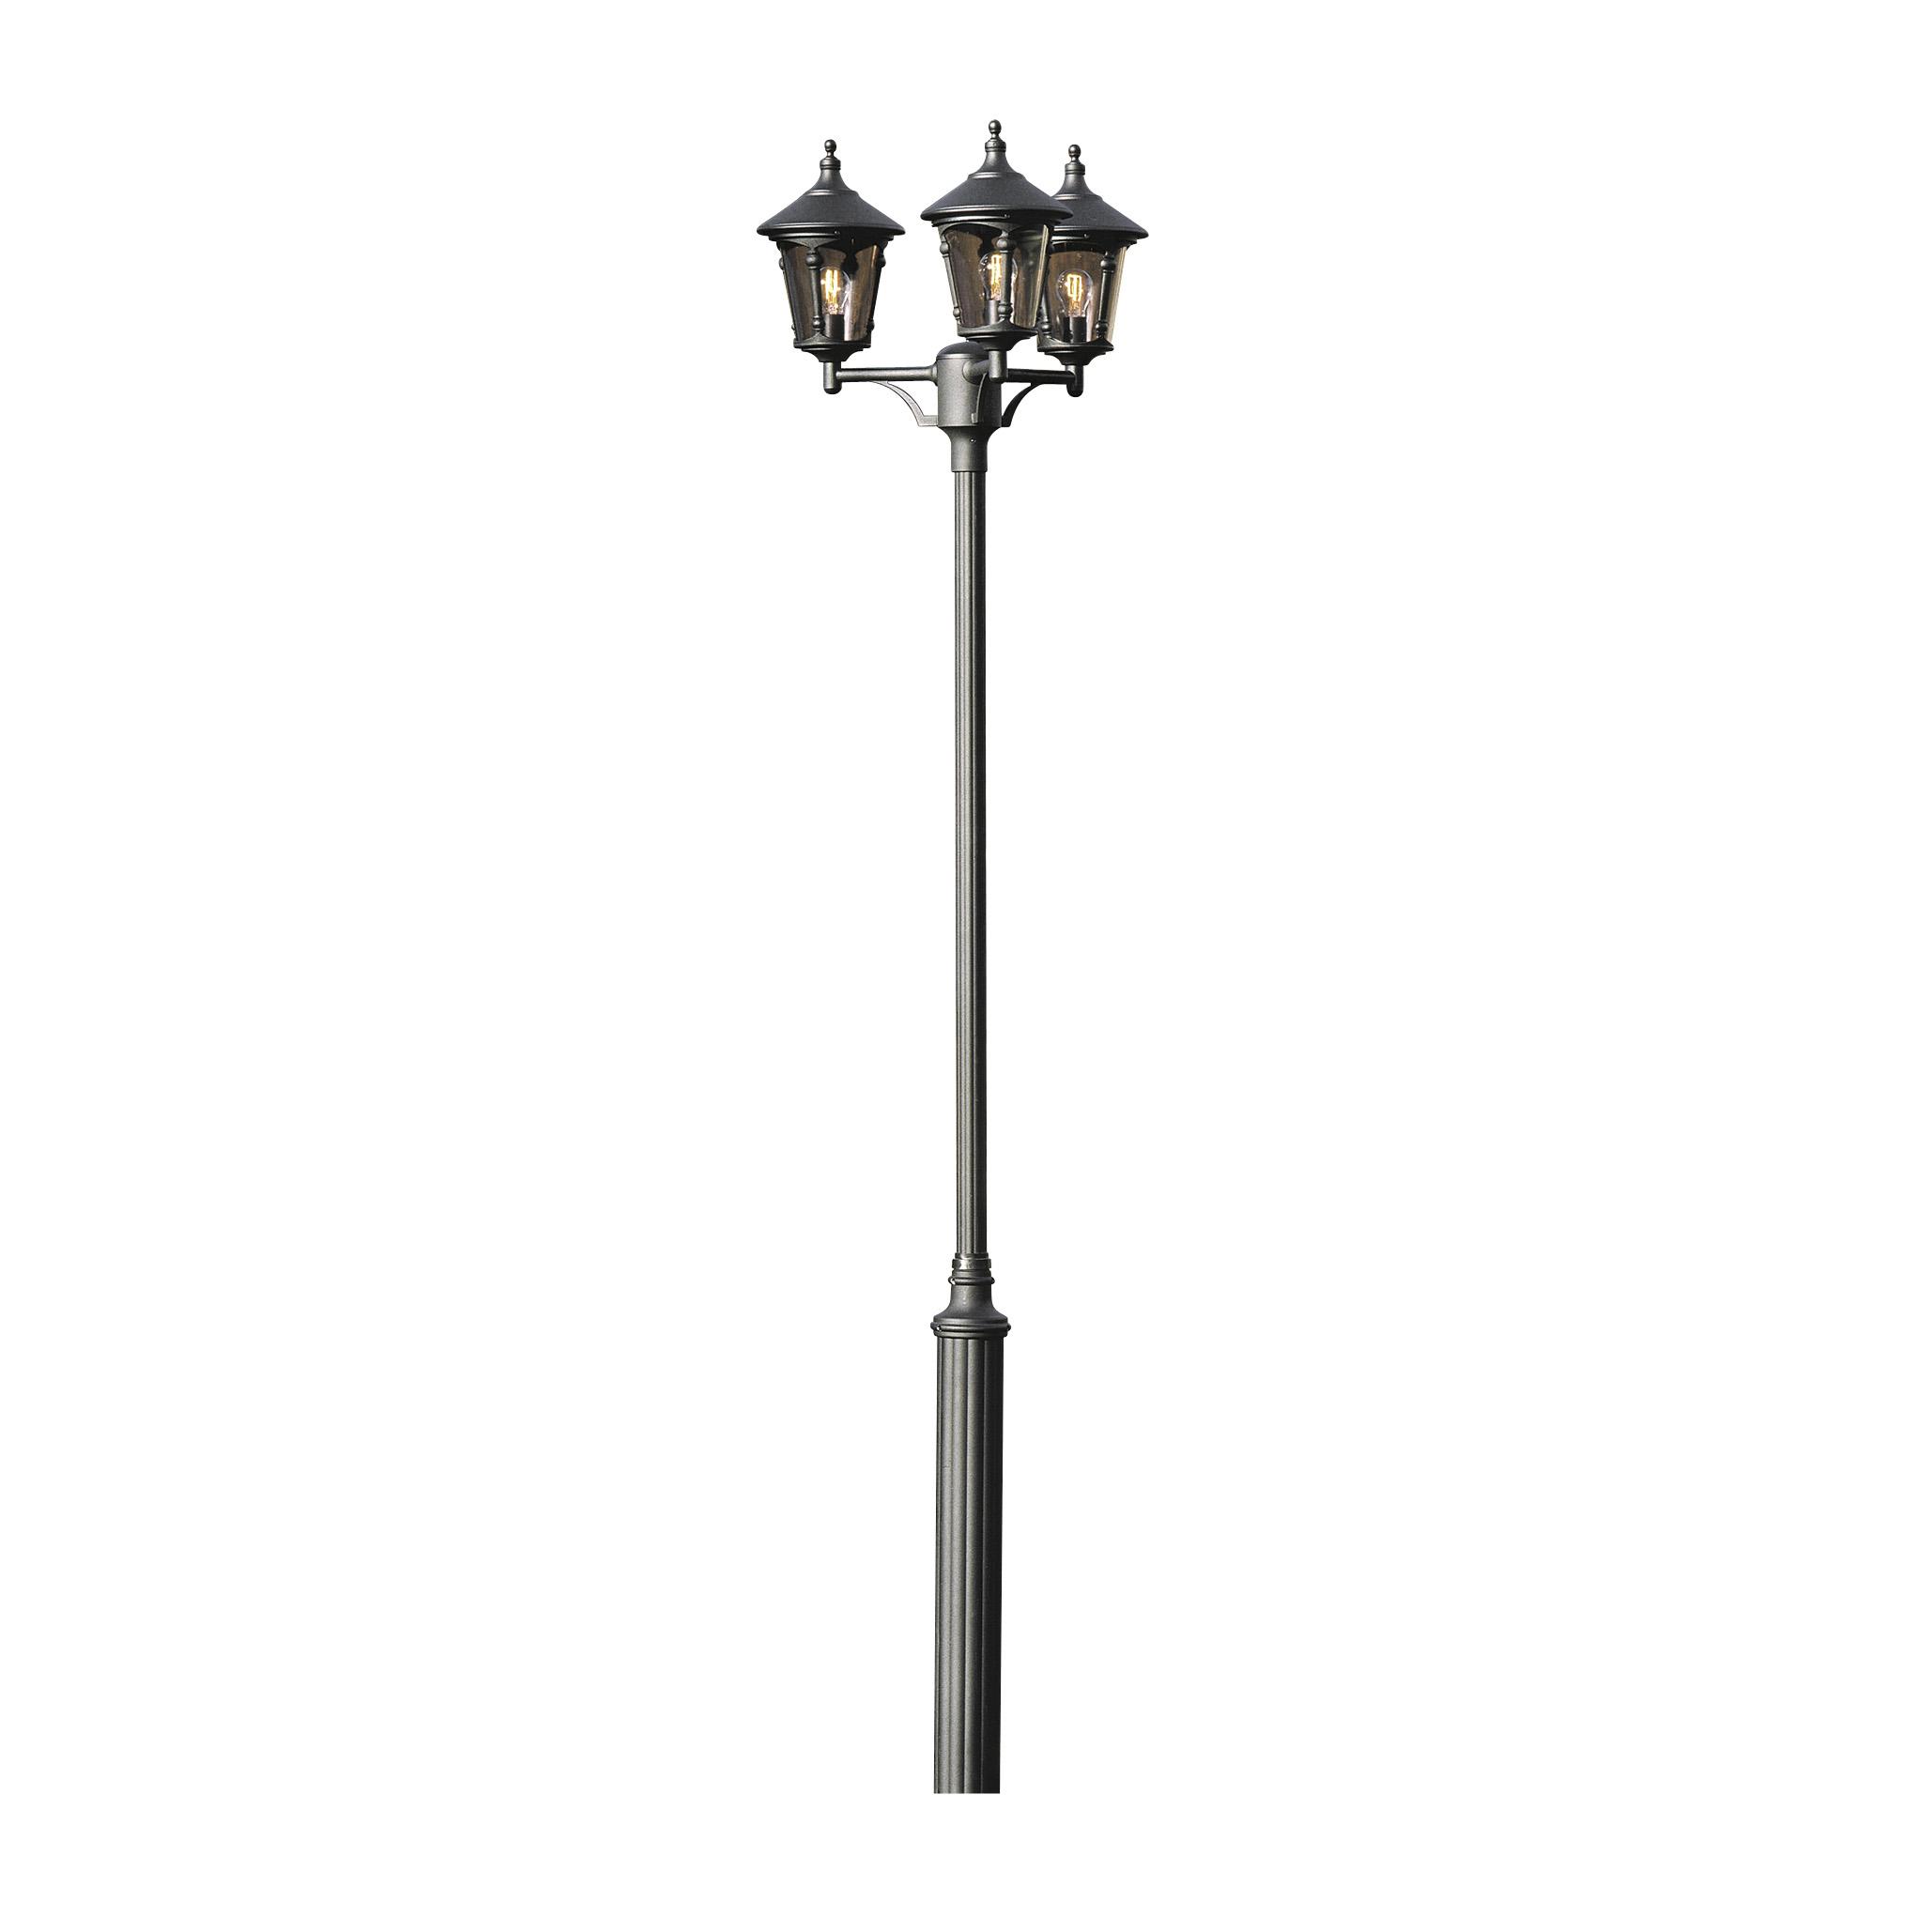 Lantaarnpaal 3 lichts Virgo Draco zwart buitenlamp Konstmide 573 750+ 579 750